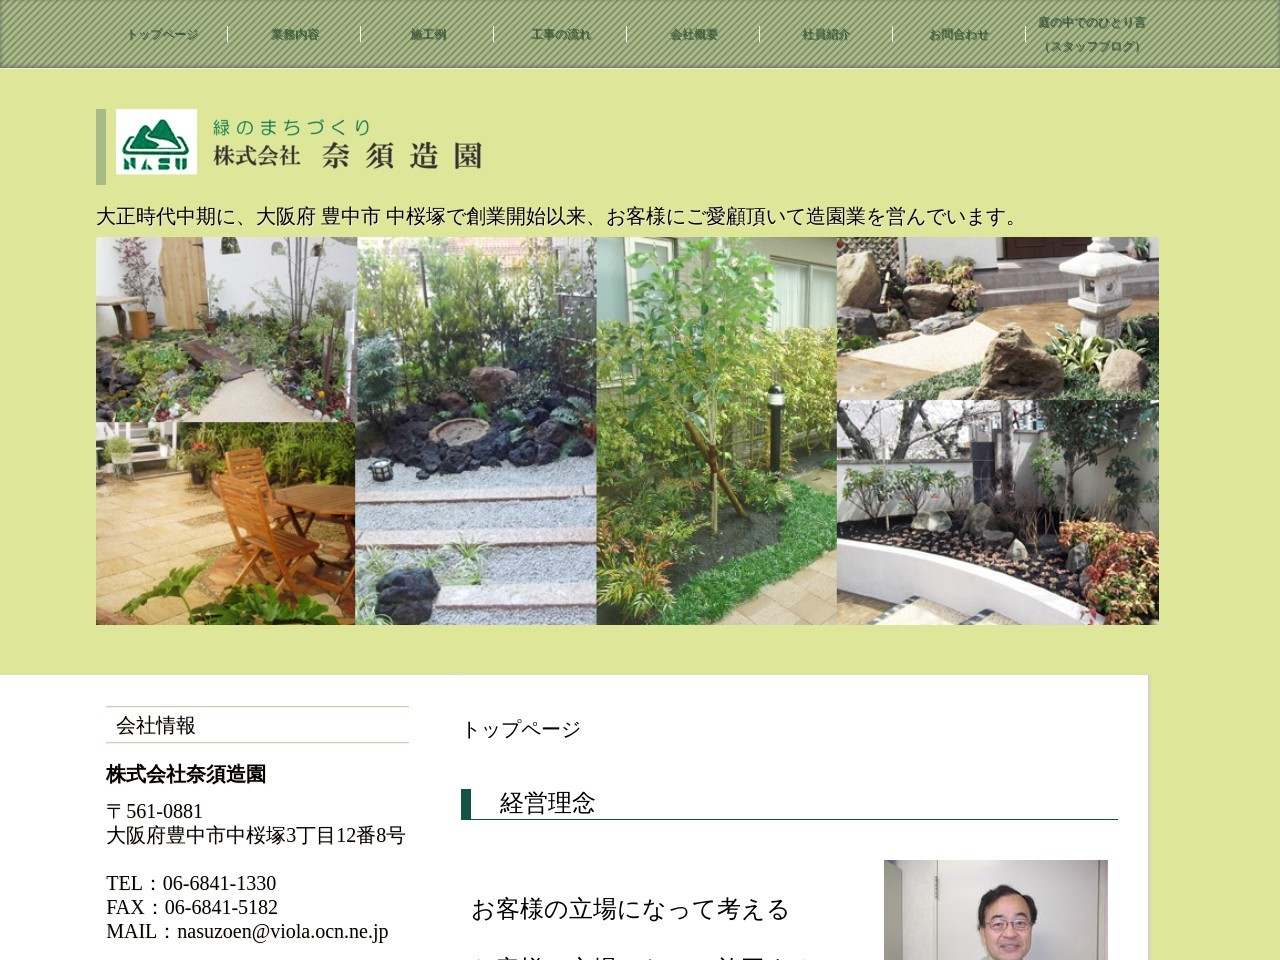 株式会社奈須造園